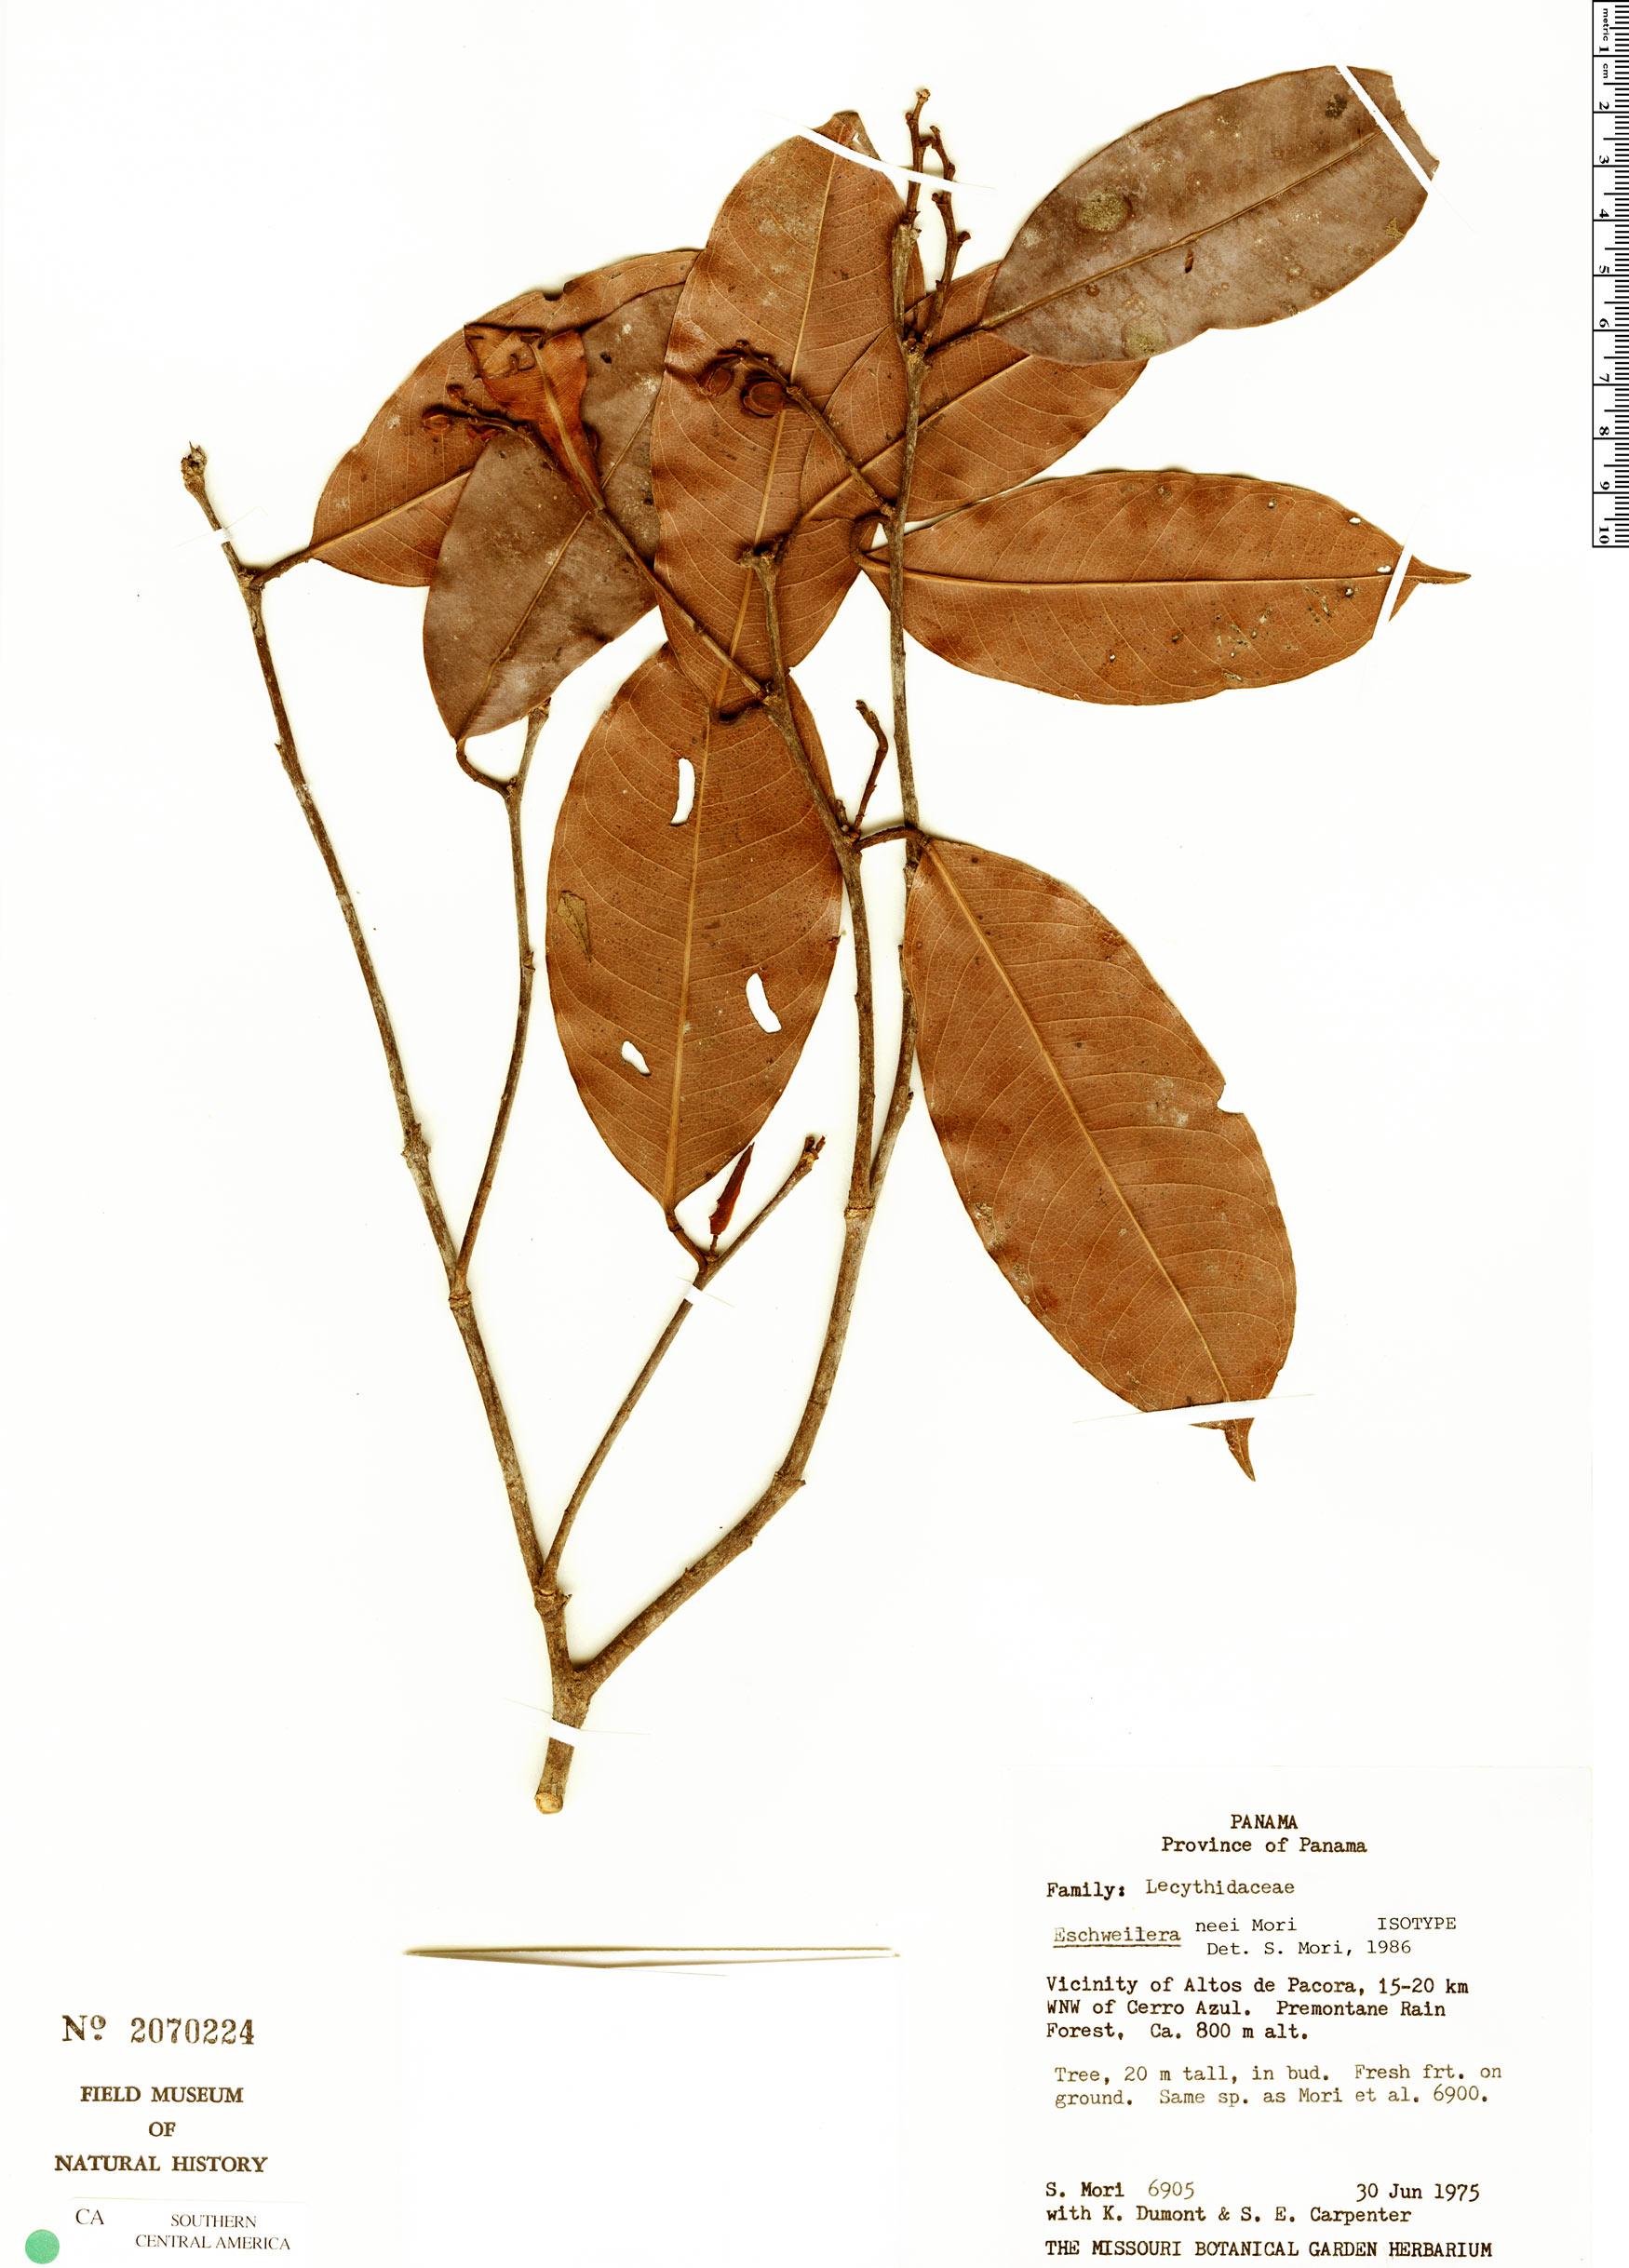 Espécime: Eschweilera neei